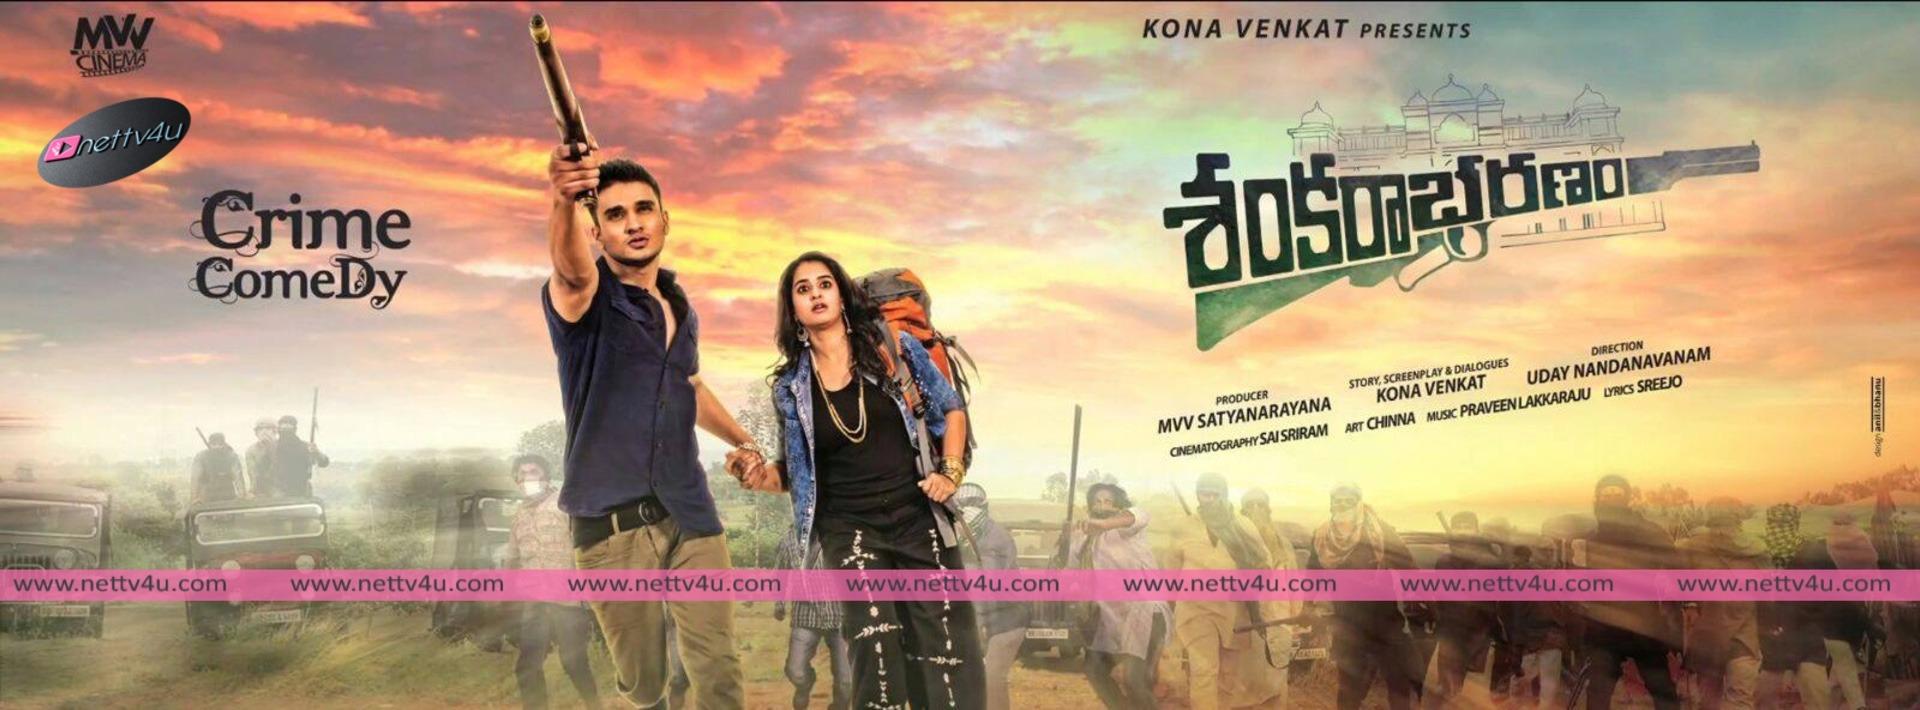 Sankarabaranam Movie Poster and Stills First Look On Net